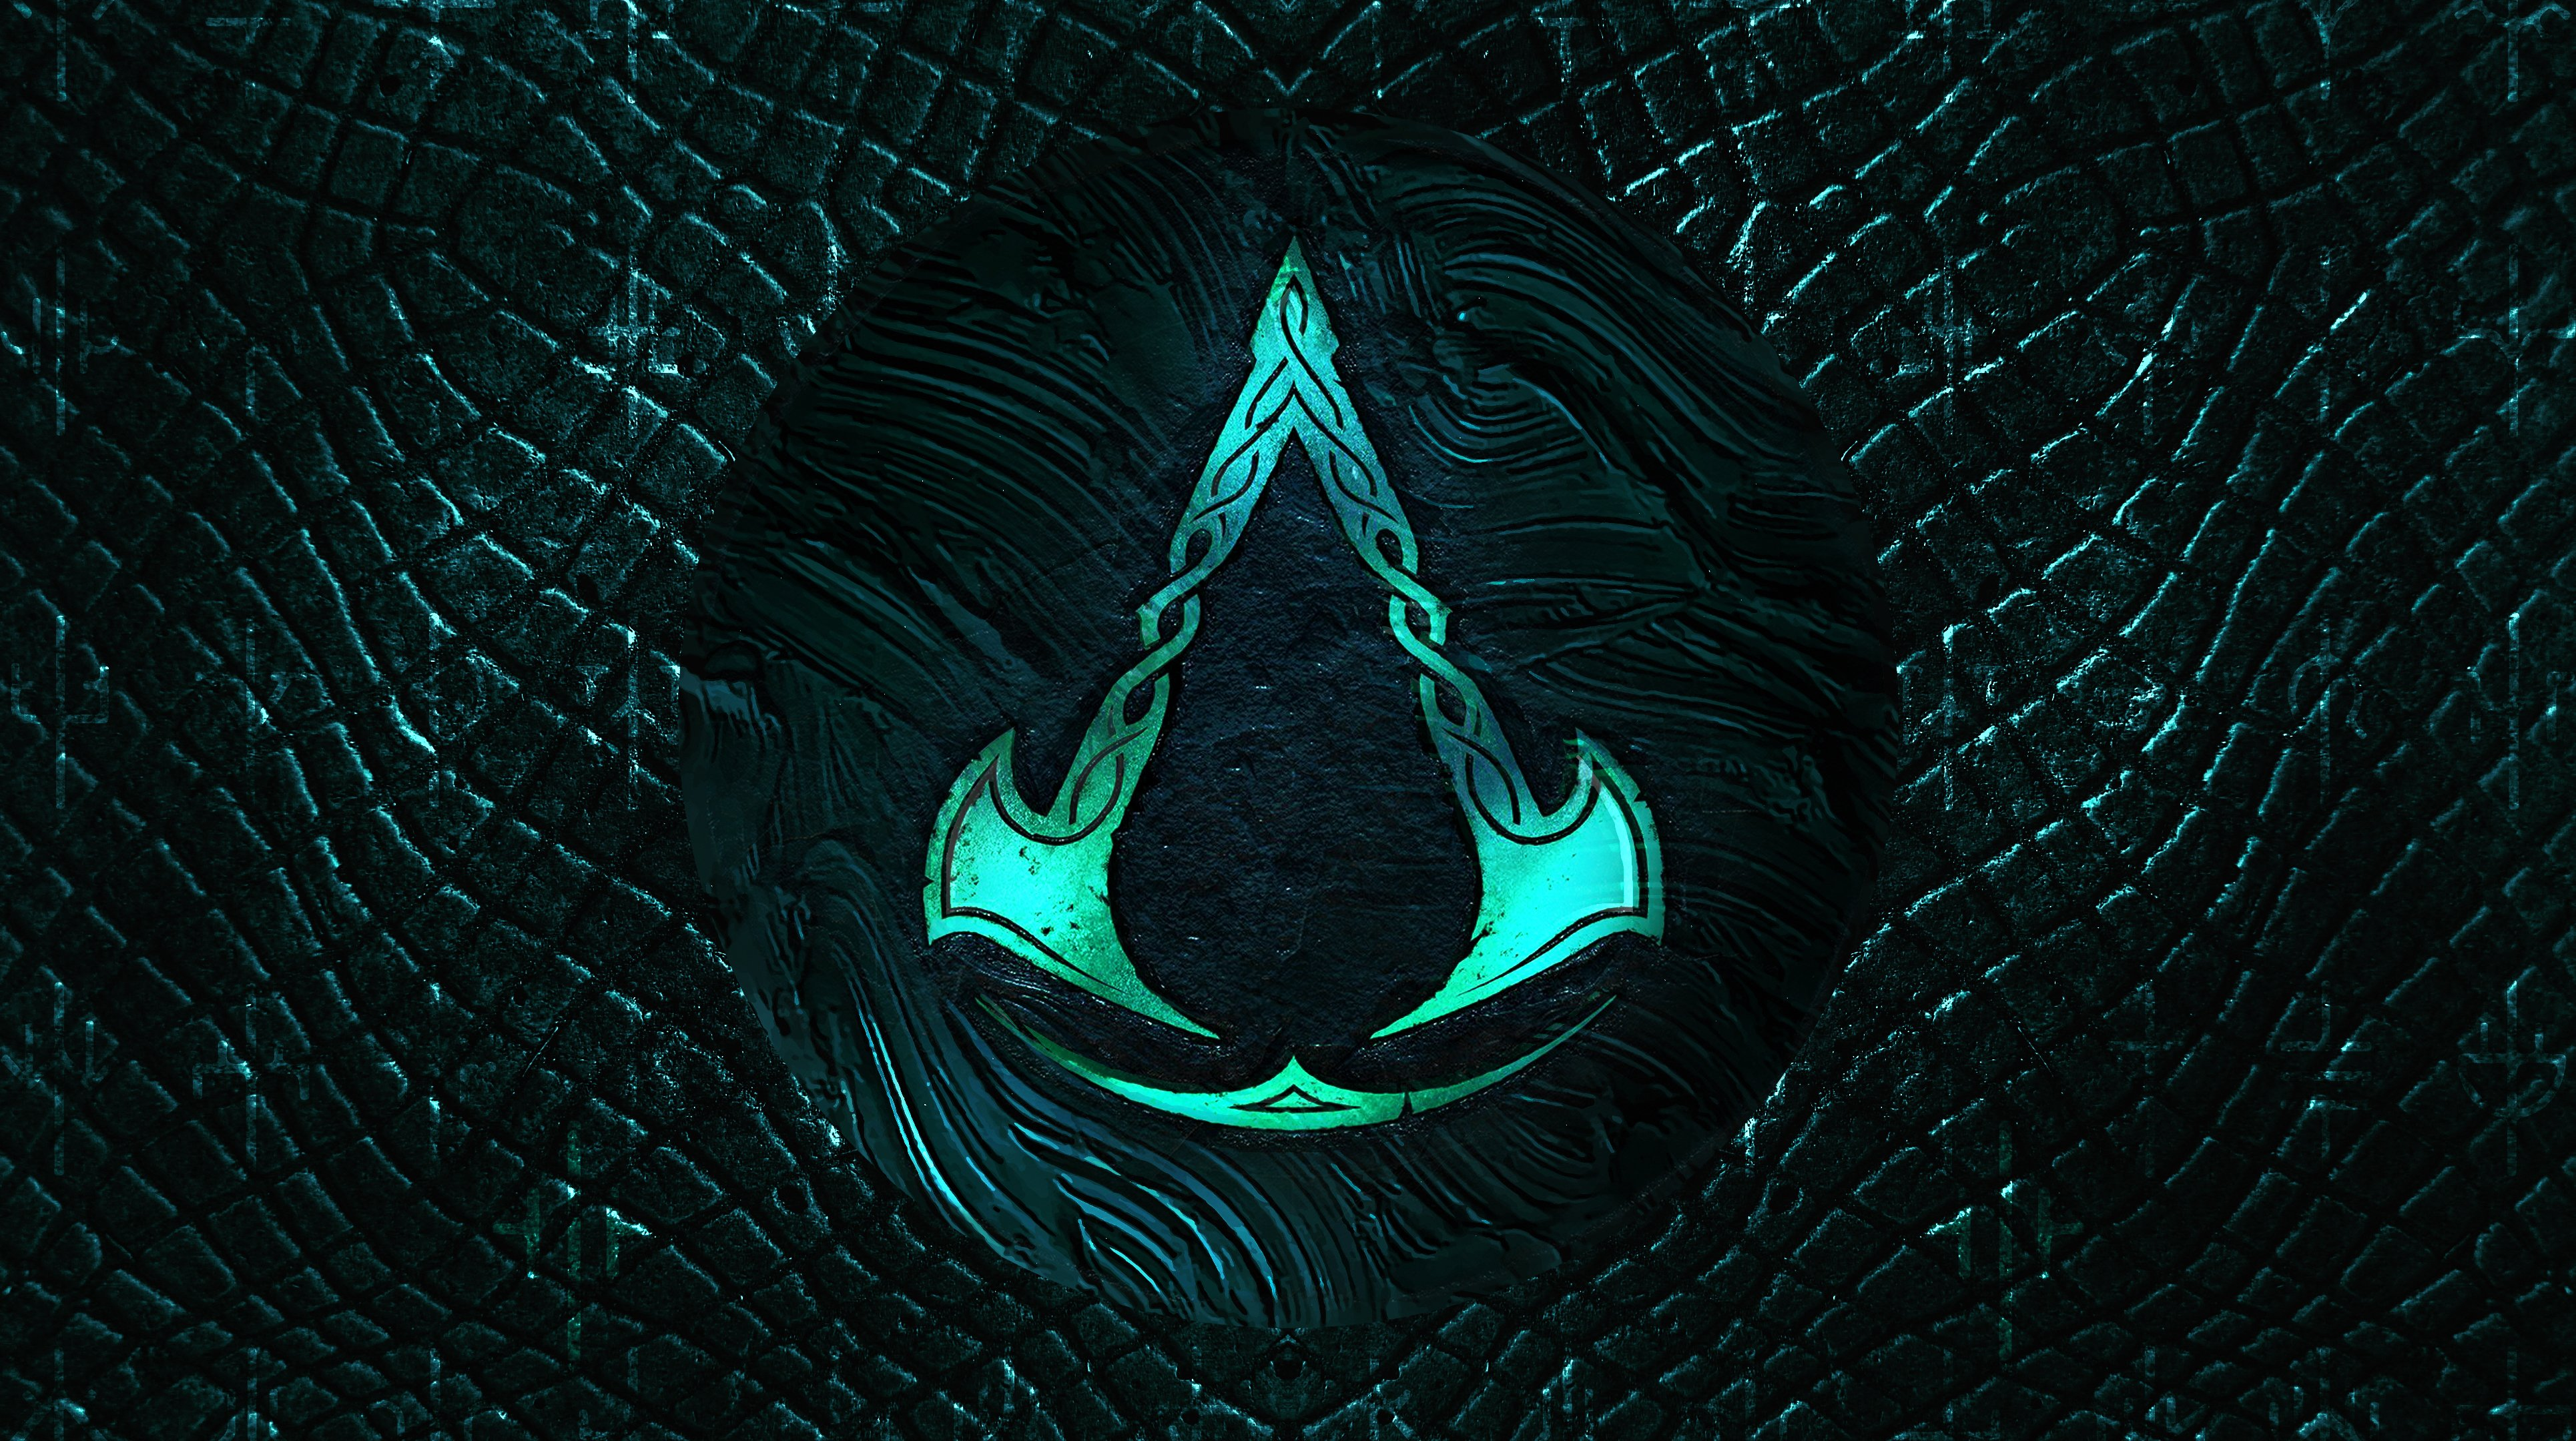 assassins creed valhalla logo 4k 1589582955 - Assassins Creed Valhalla Logo 4k - Assassins Creed Valhalla Logo wallpapers, Assassins Creed Valhalla Logo 4k wallpapers